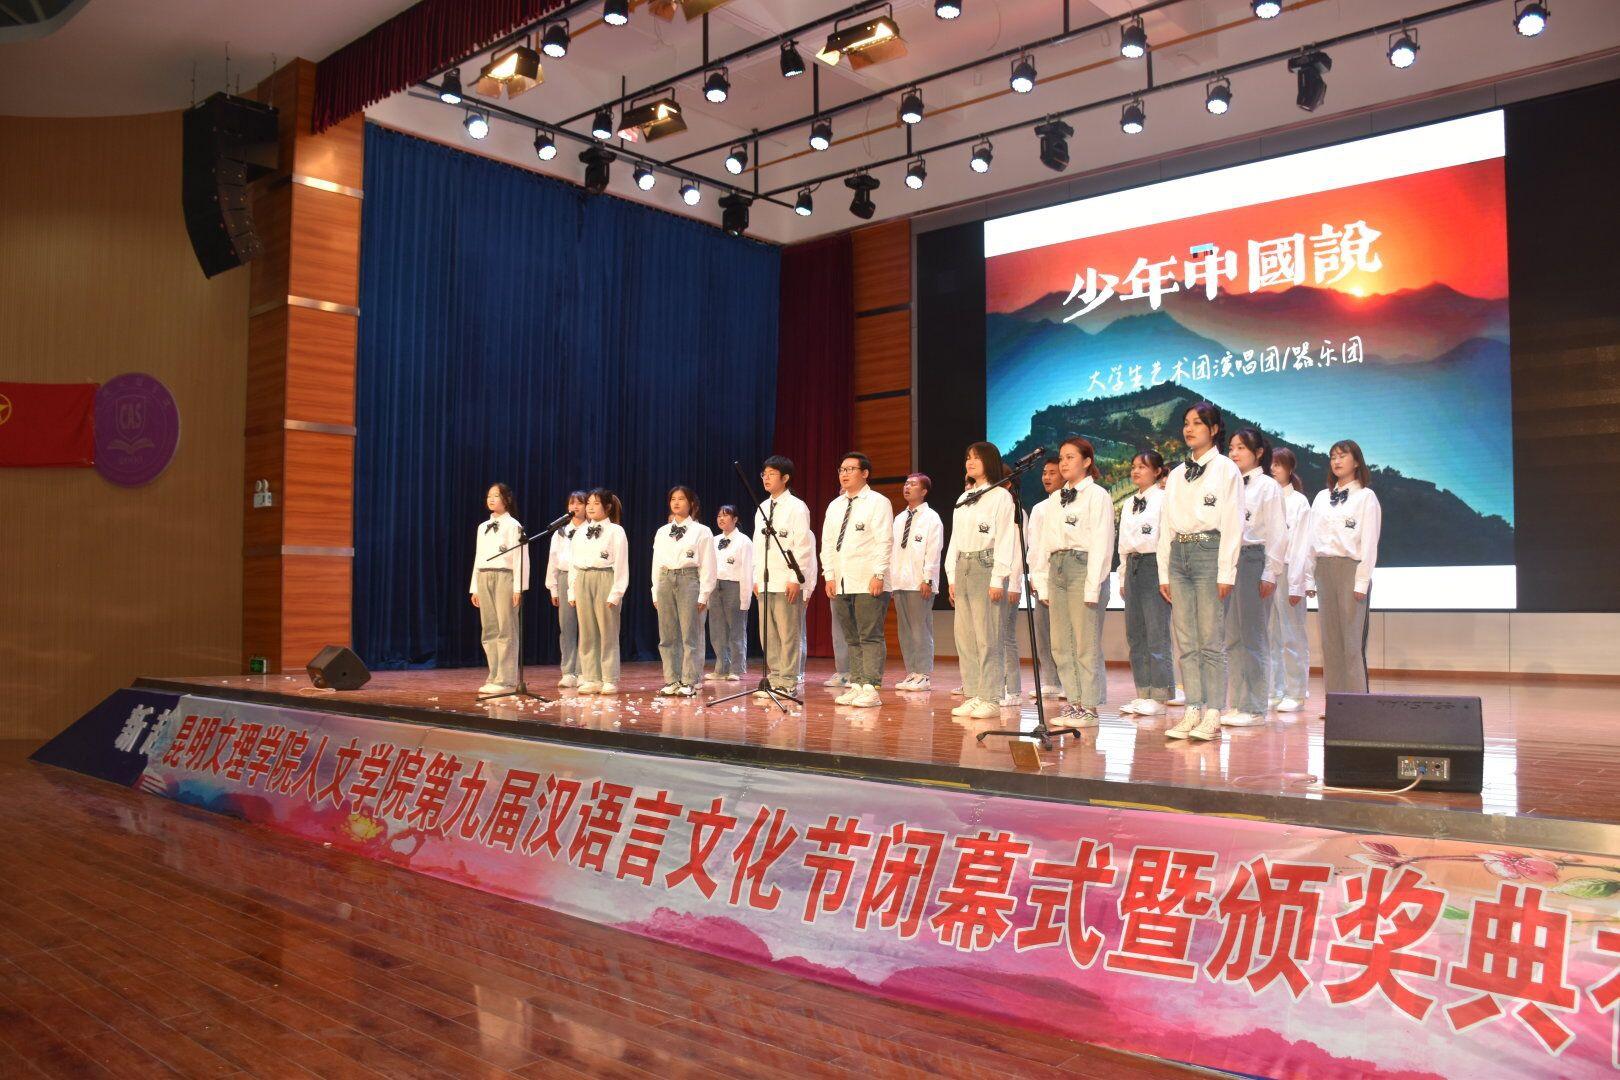 羲之盛名传千古,书圣故里翰墨香——汉语言文化节闭幕式